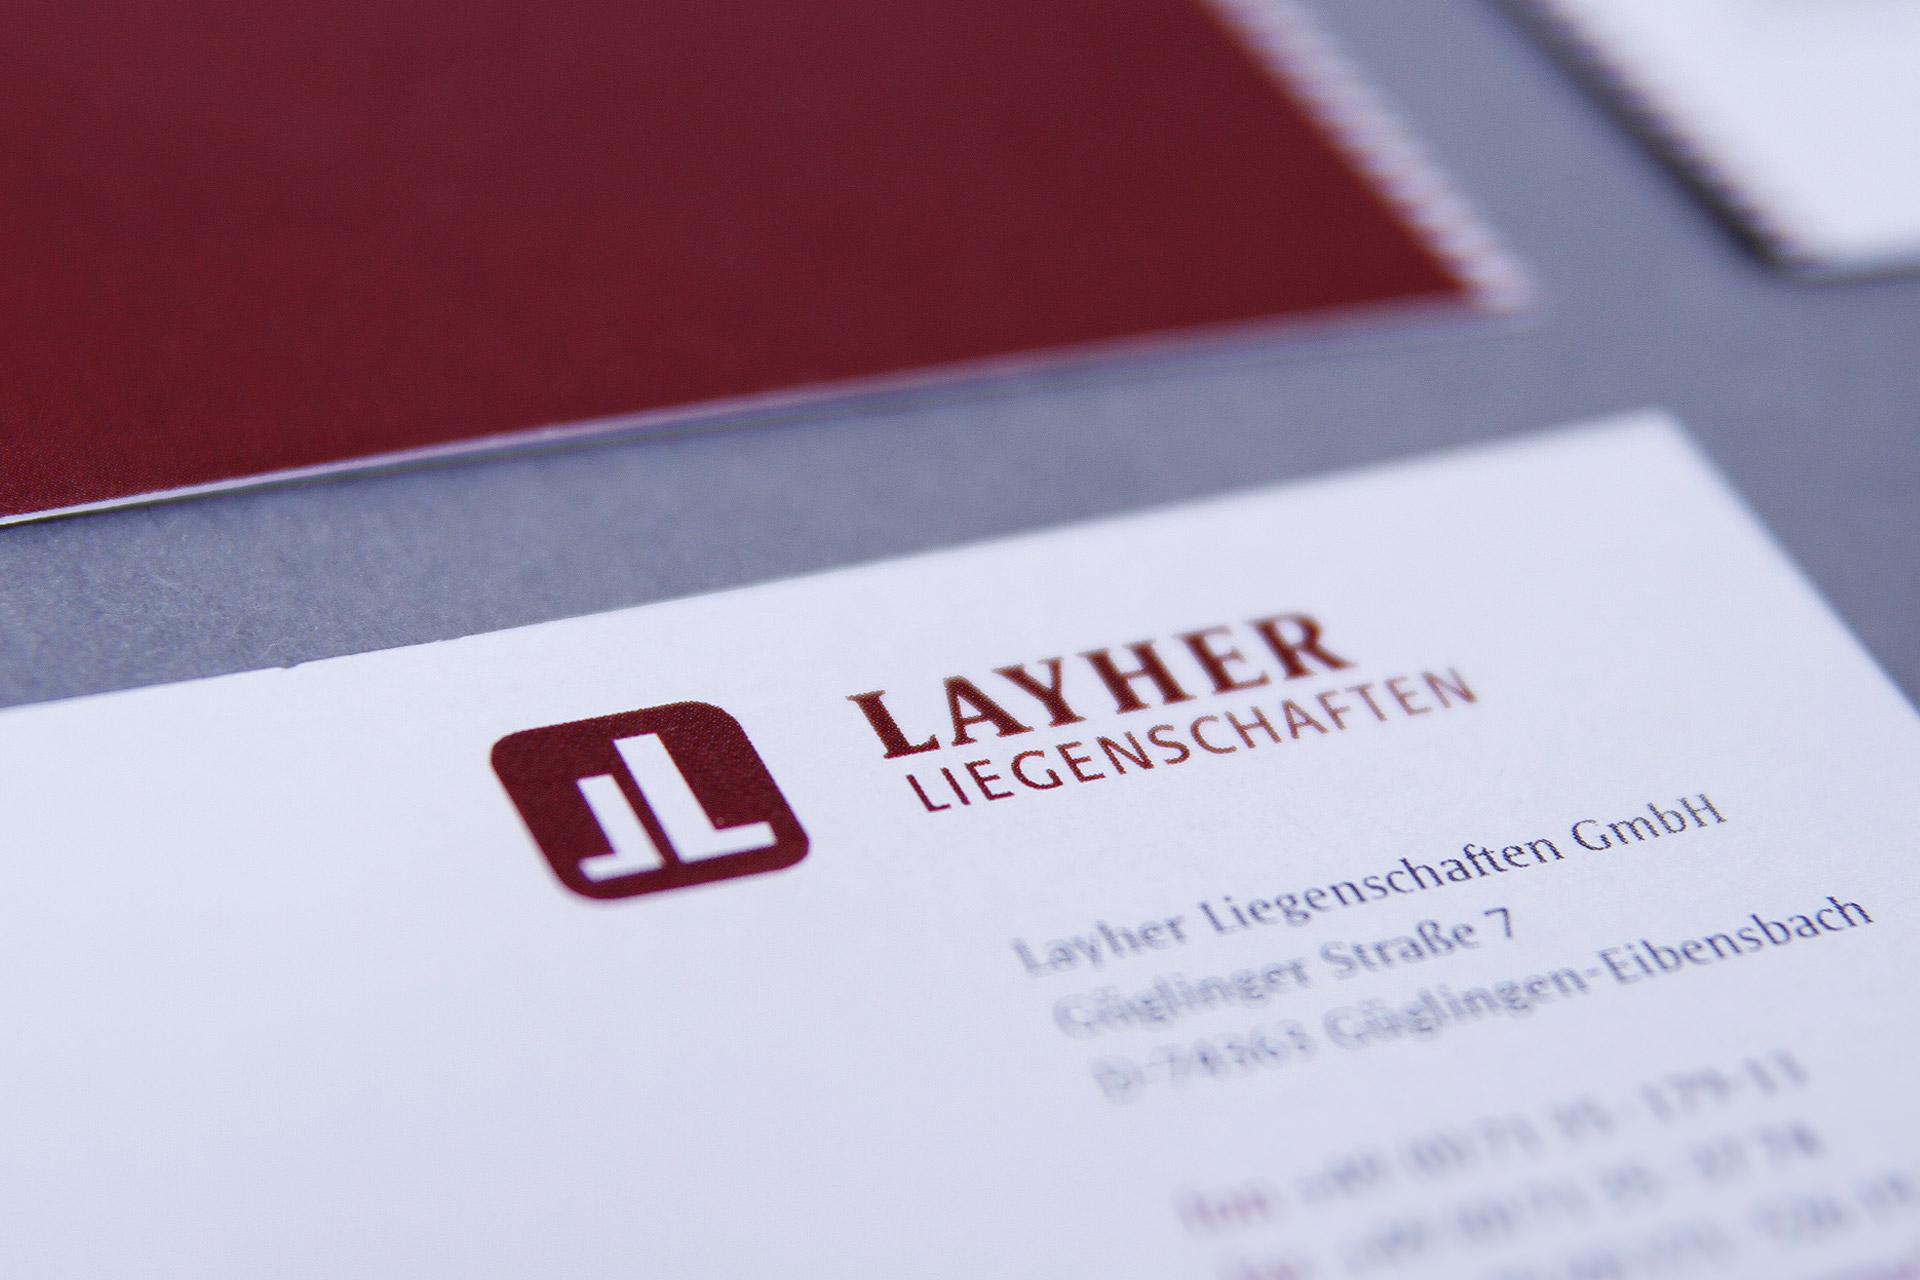 brandherde_LayherLiegenschaften_Visitenkarten-04